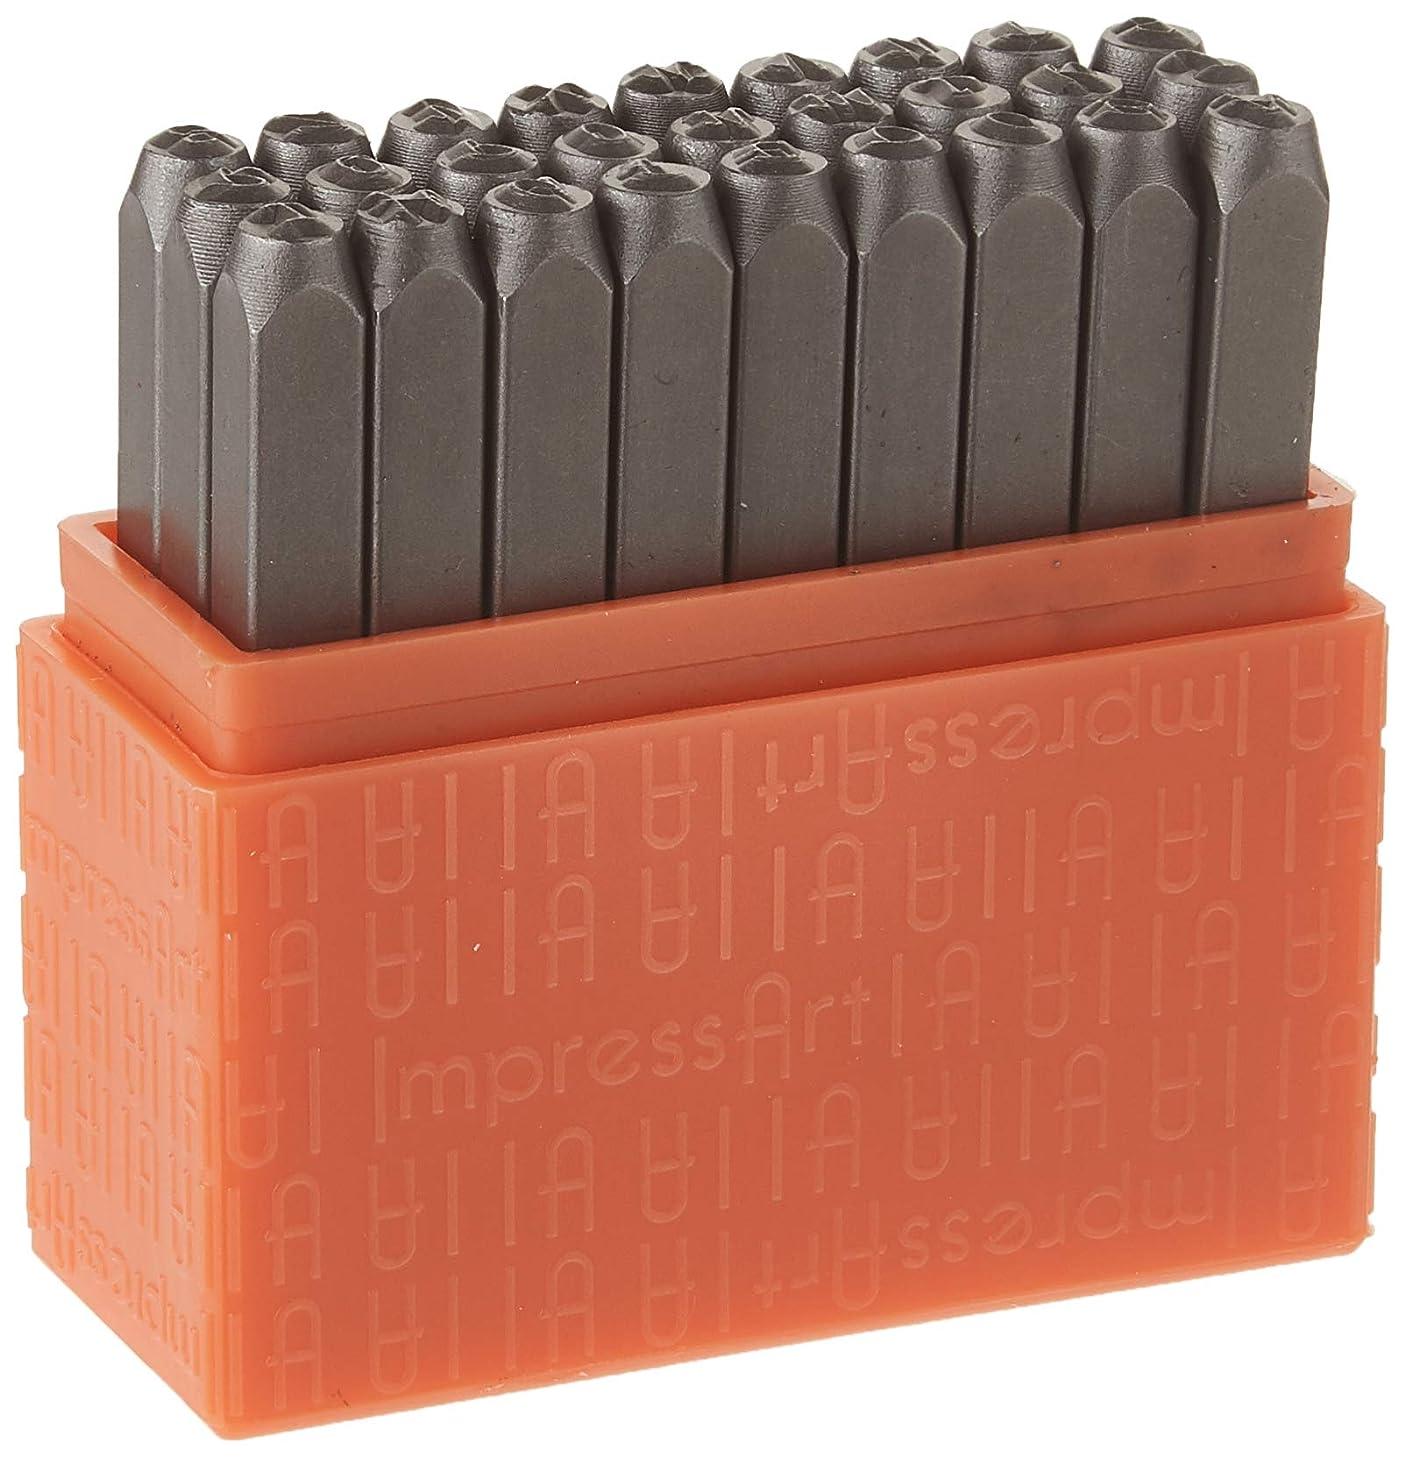 ImpressArt Uppercase Basic Bridgette Metal Letter Stamp Set, Steel Alphabet Punches for Metal Stamping